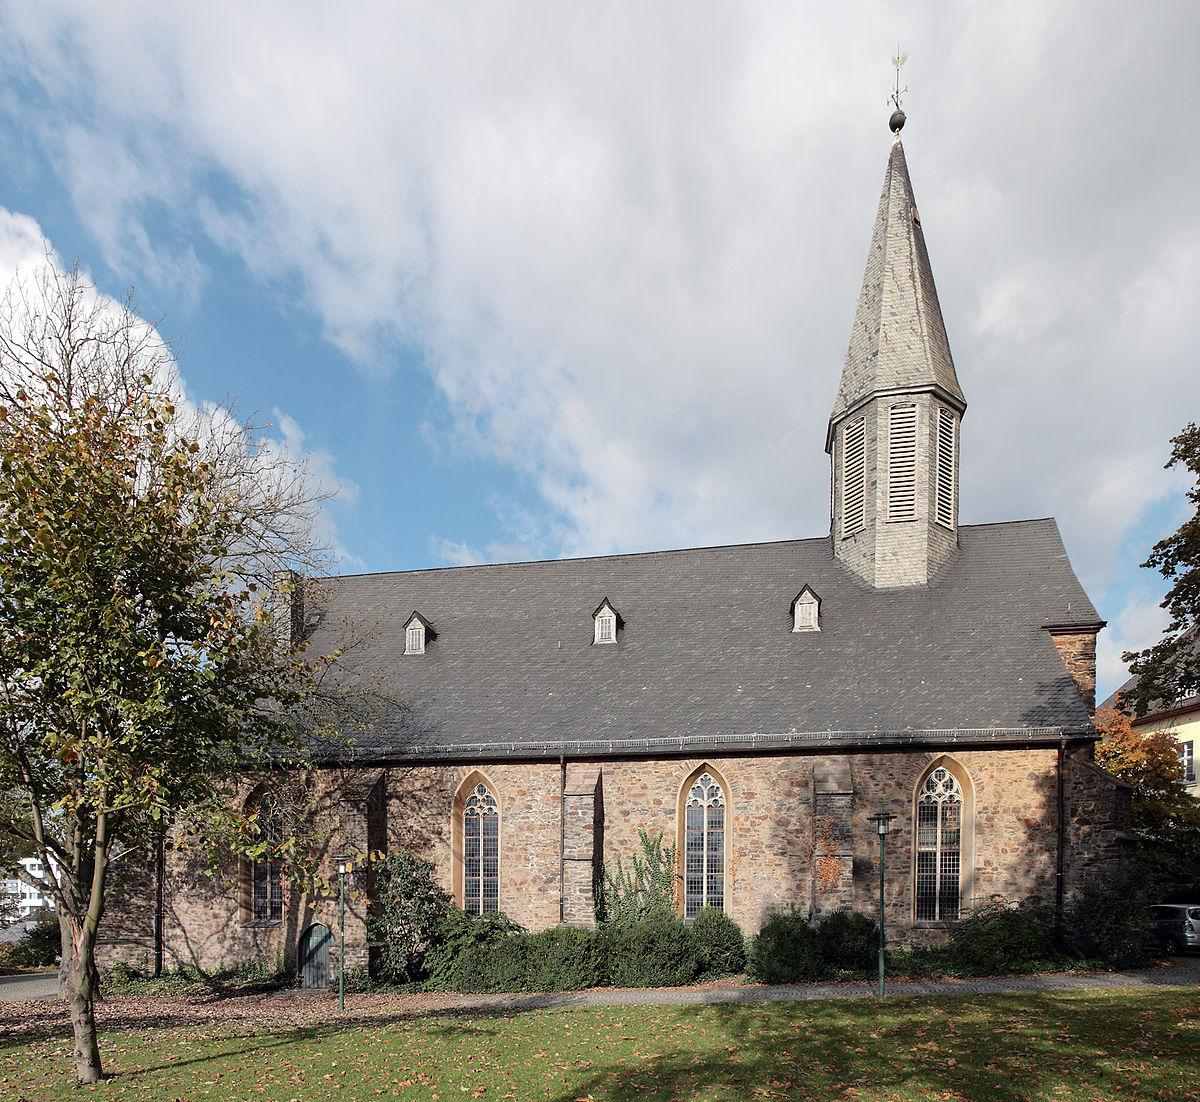 Ͽ������ Ͽ�������� Ͽ�������� Ͽ�������������� Ͽ������: Martinikirche (Siegen)